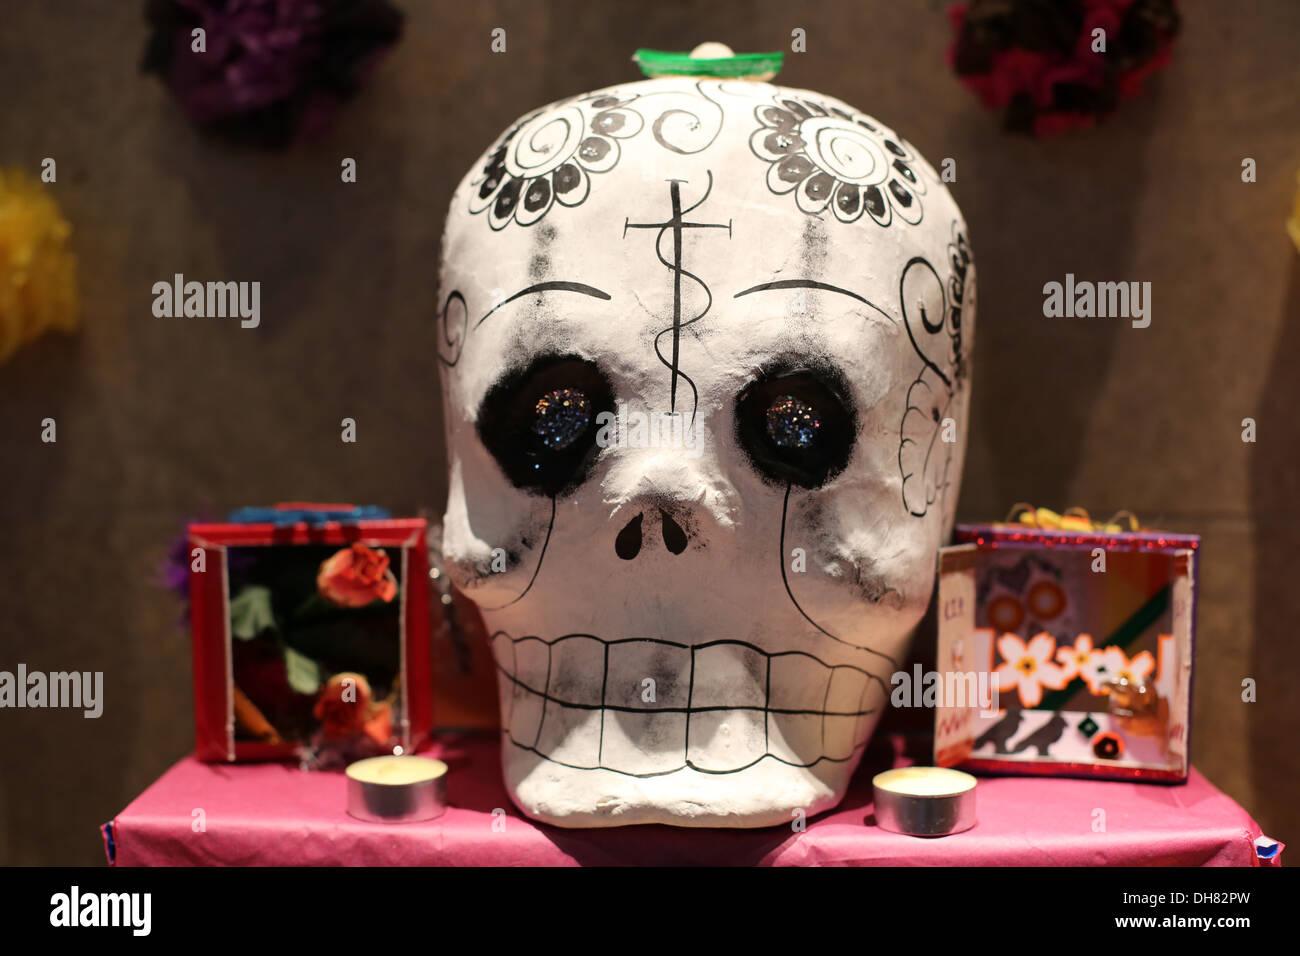 Ein papier Pappmaché-Schädel und andere Dekorationen auf einen Altar für Tag der Toten. Stockbild